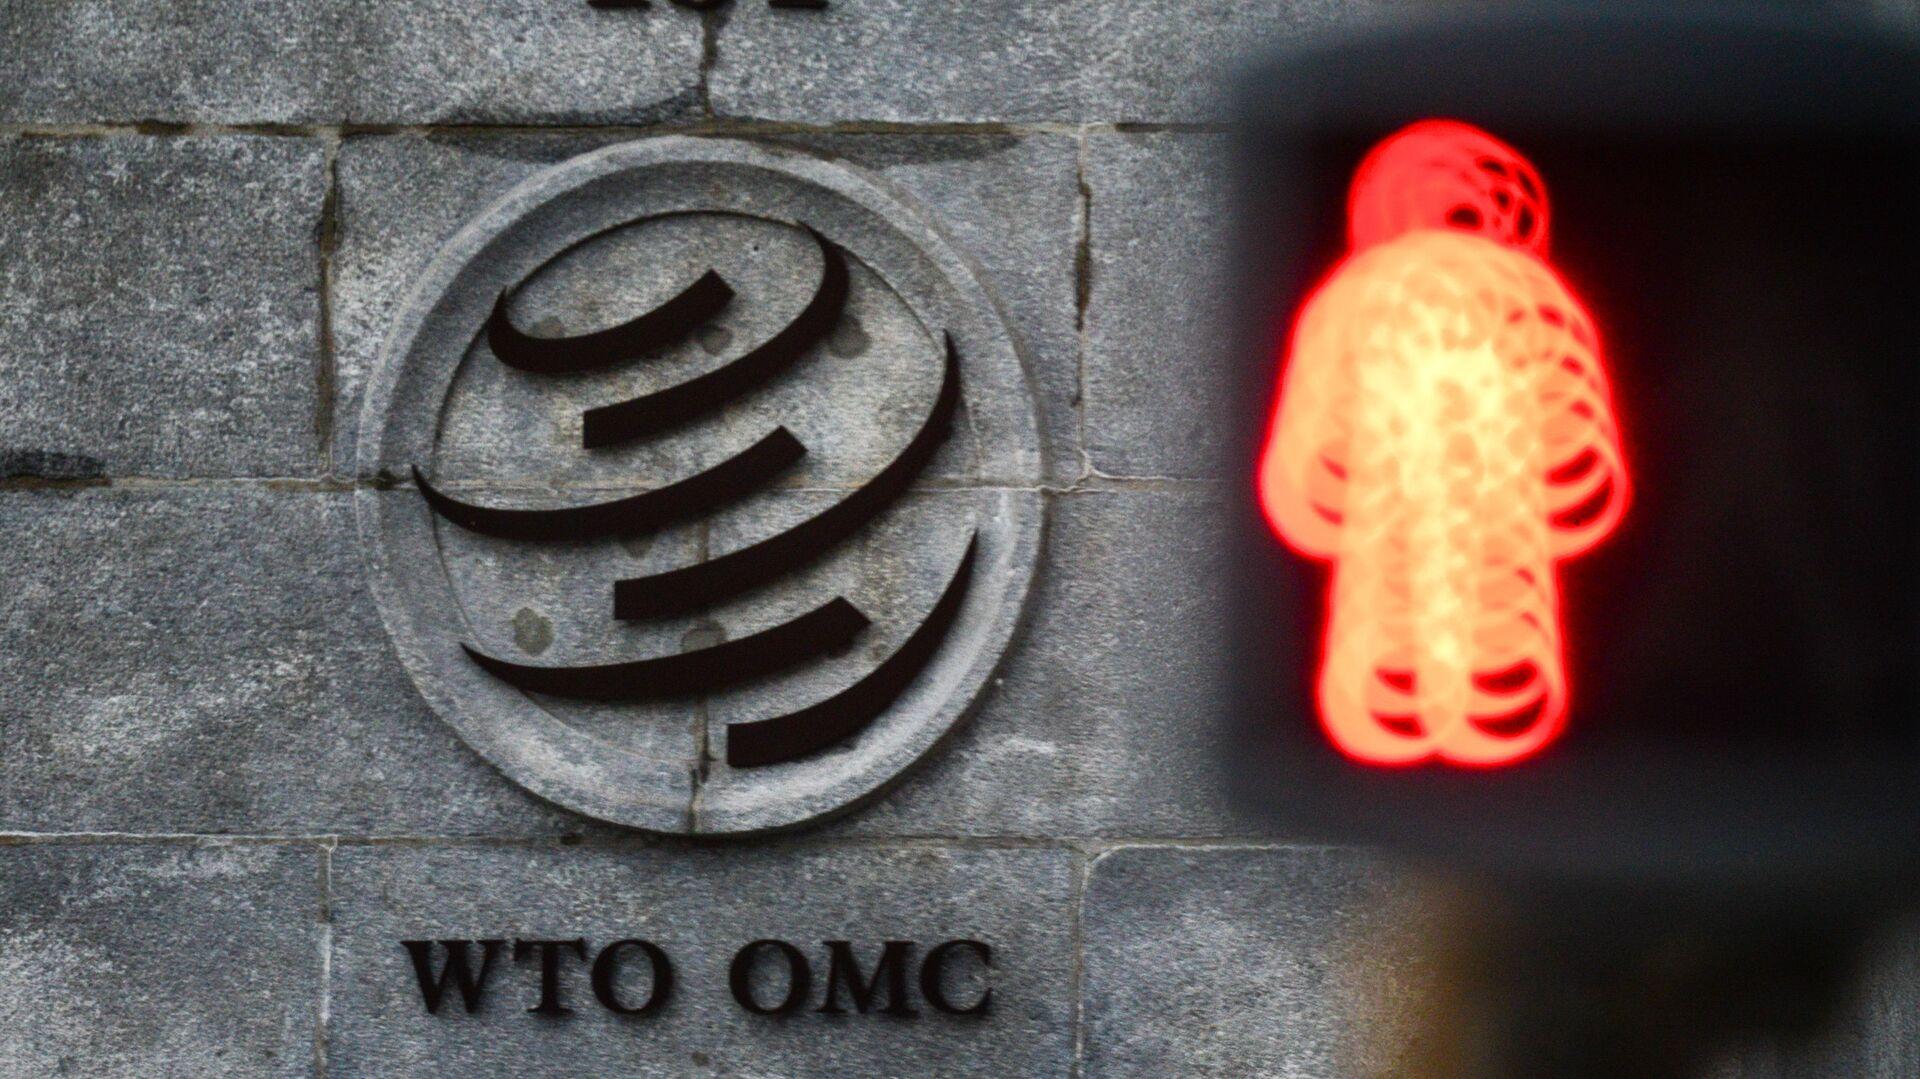 Эмблема Всемирной торговой организации (ВТО) возле здания штаб-квартиры организации в Женеве - Sputnik Узбекистан, 1920, 27.09.2021